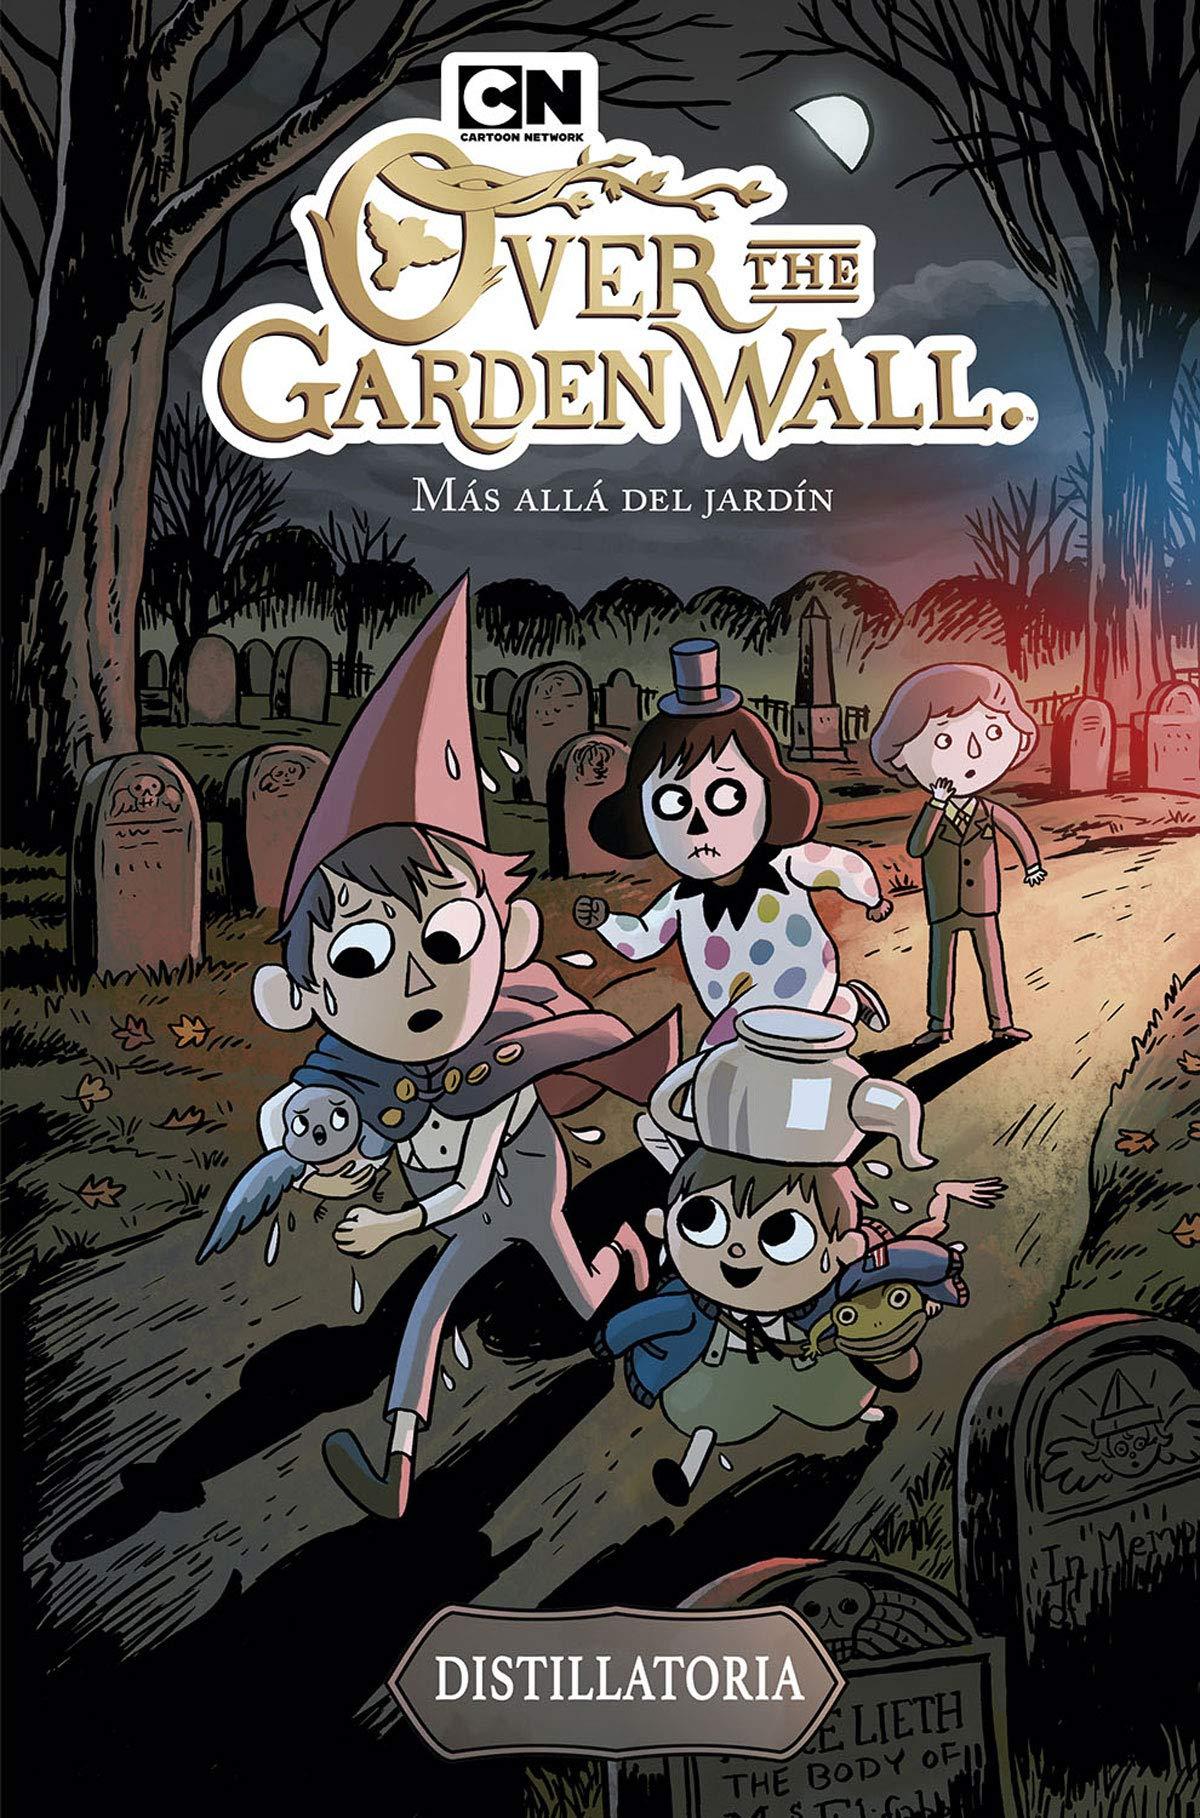 Más allá del jardín: Distillatoria: Amazon.es: Case, Jonathan, Campbell, Jim: Libros